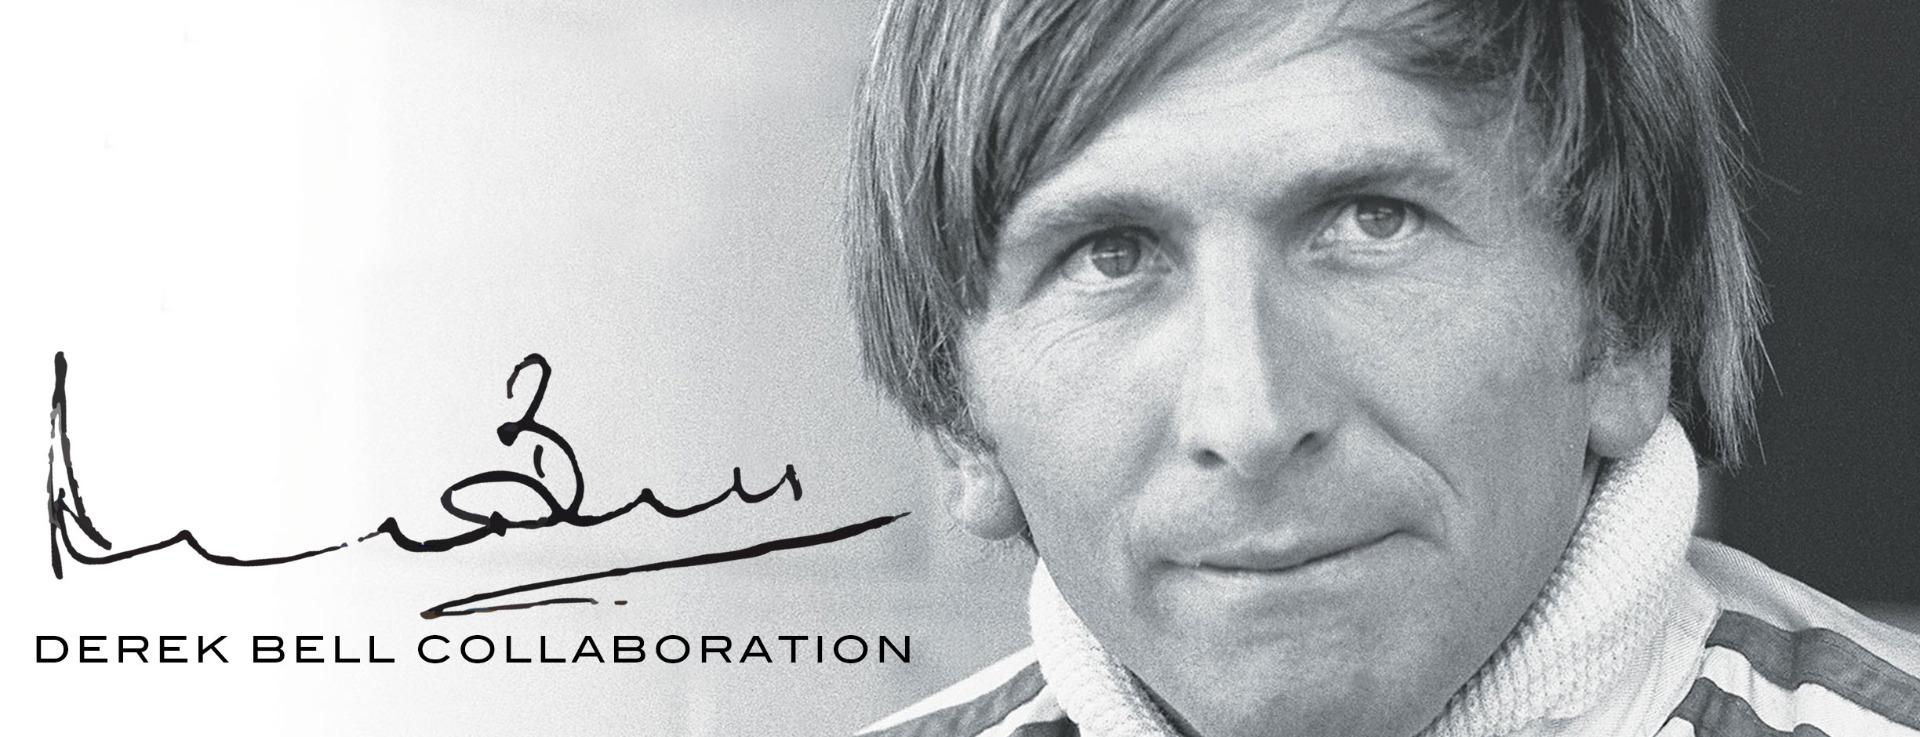 Derek Bell collaboration page